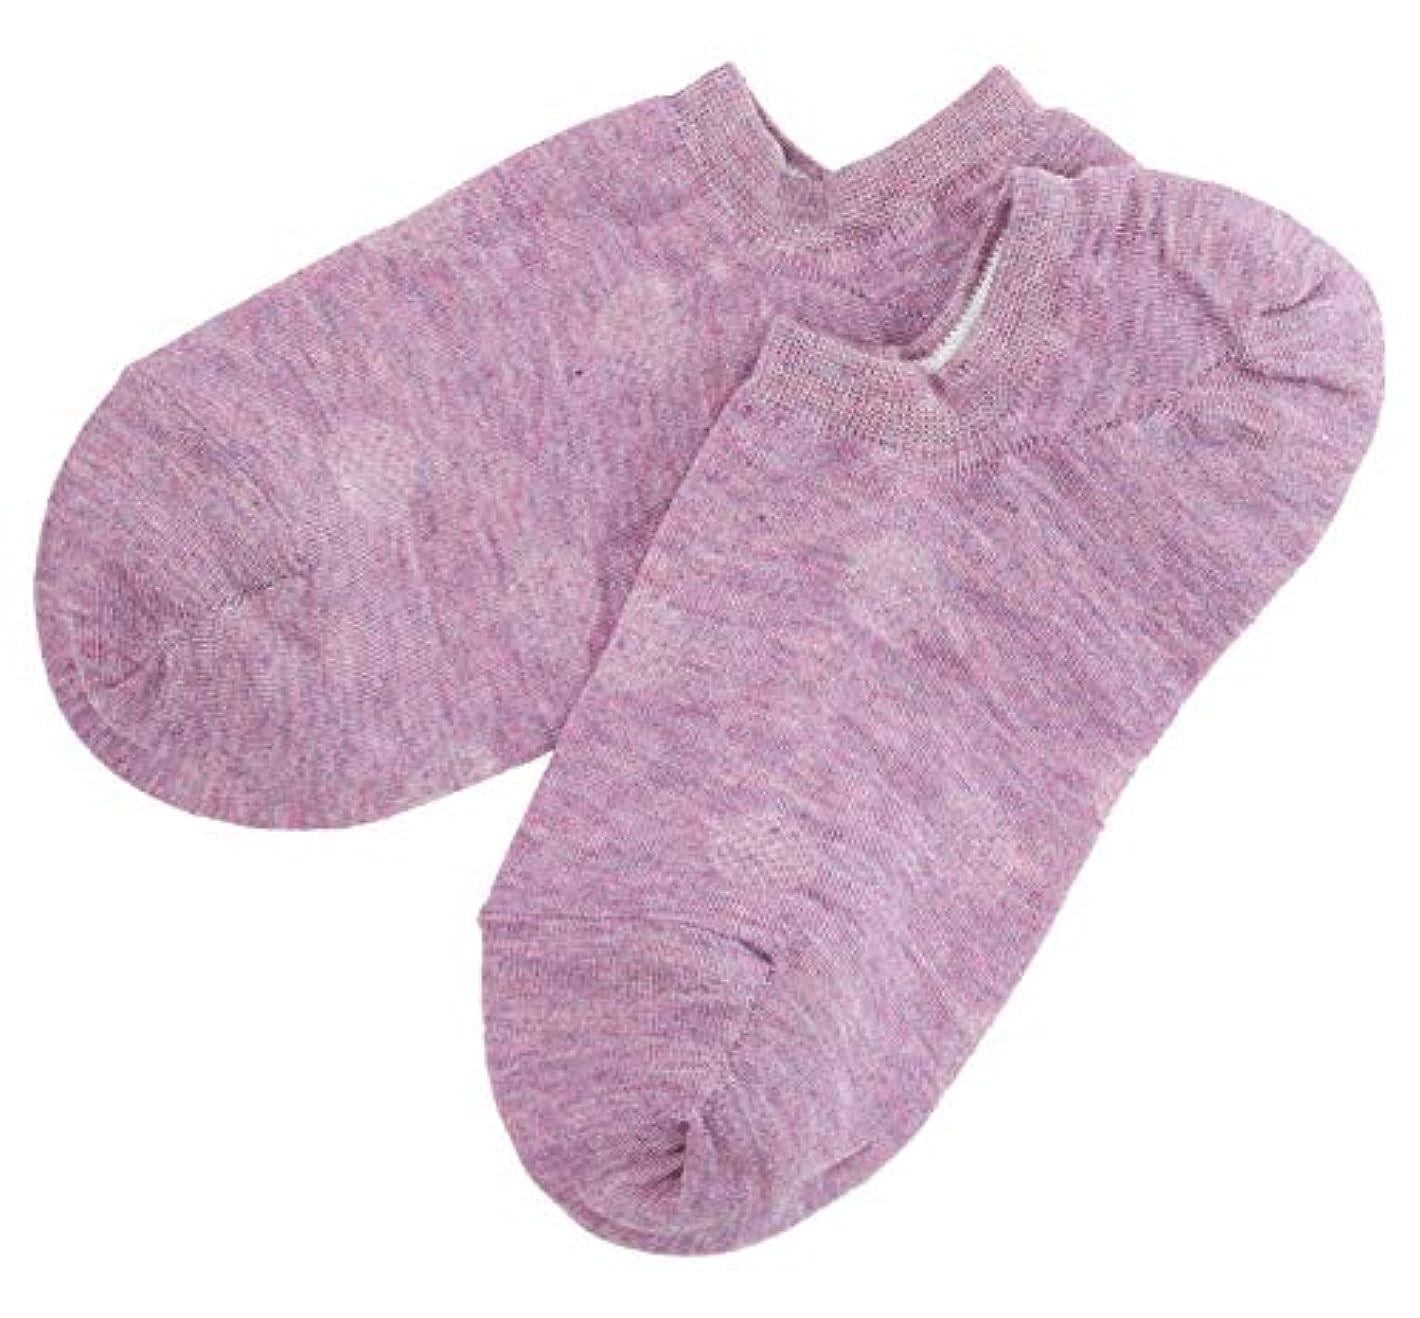 降雨おとこご予約温むすび かかとケア靴下 【足うら美人カバーソックスタイプ 女性用 22~24cm パープル】 ひび割れ ケア 夏用